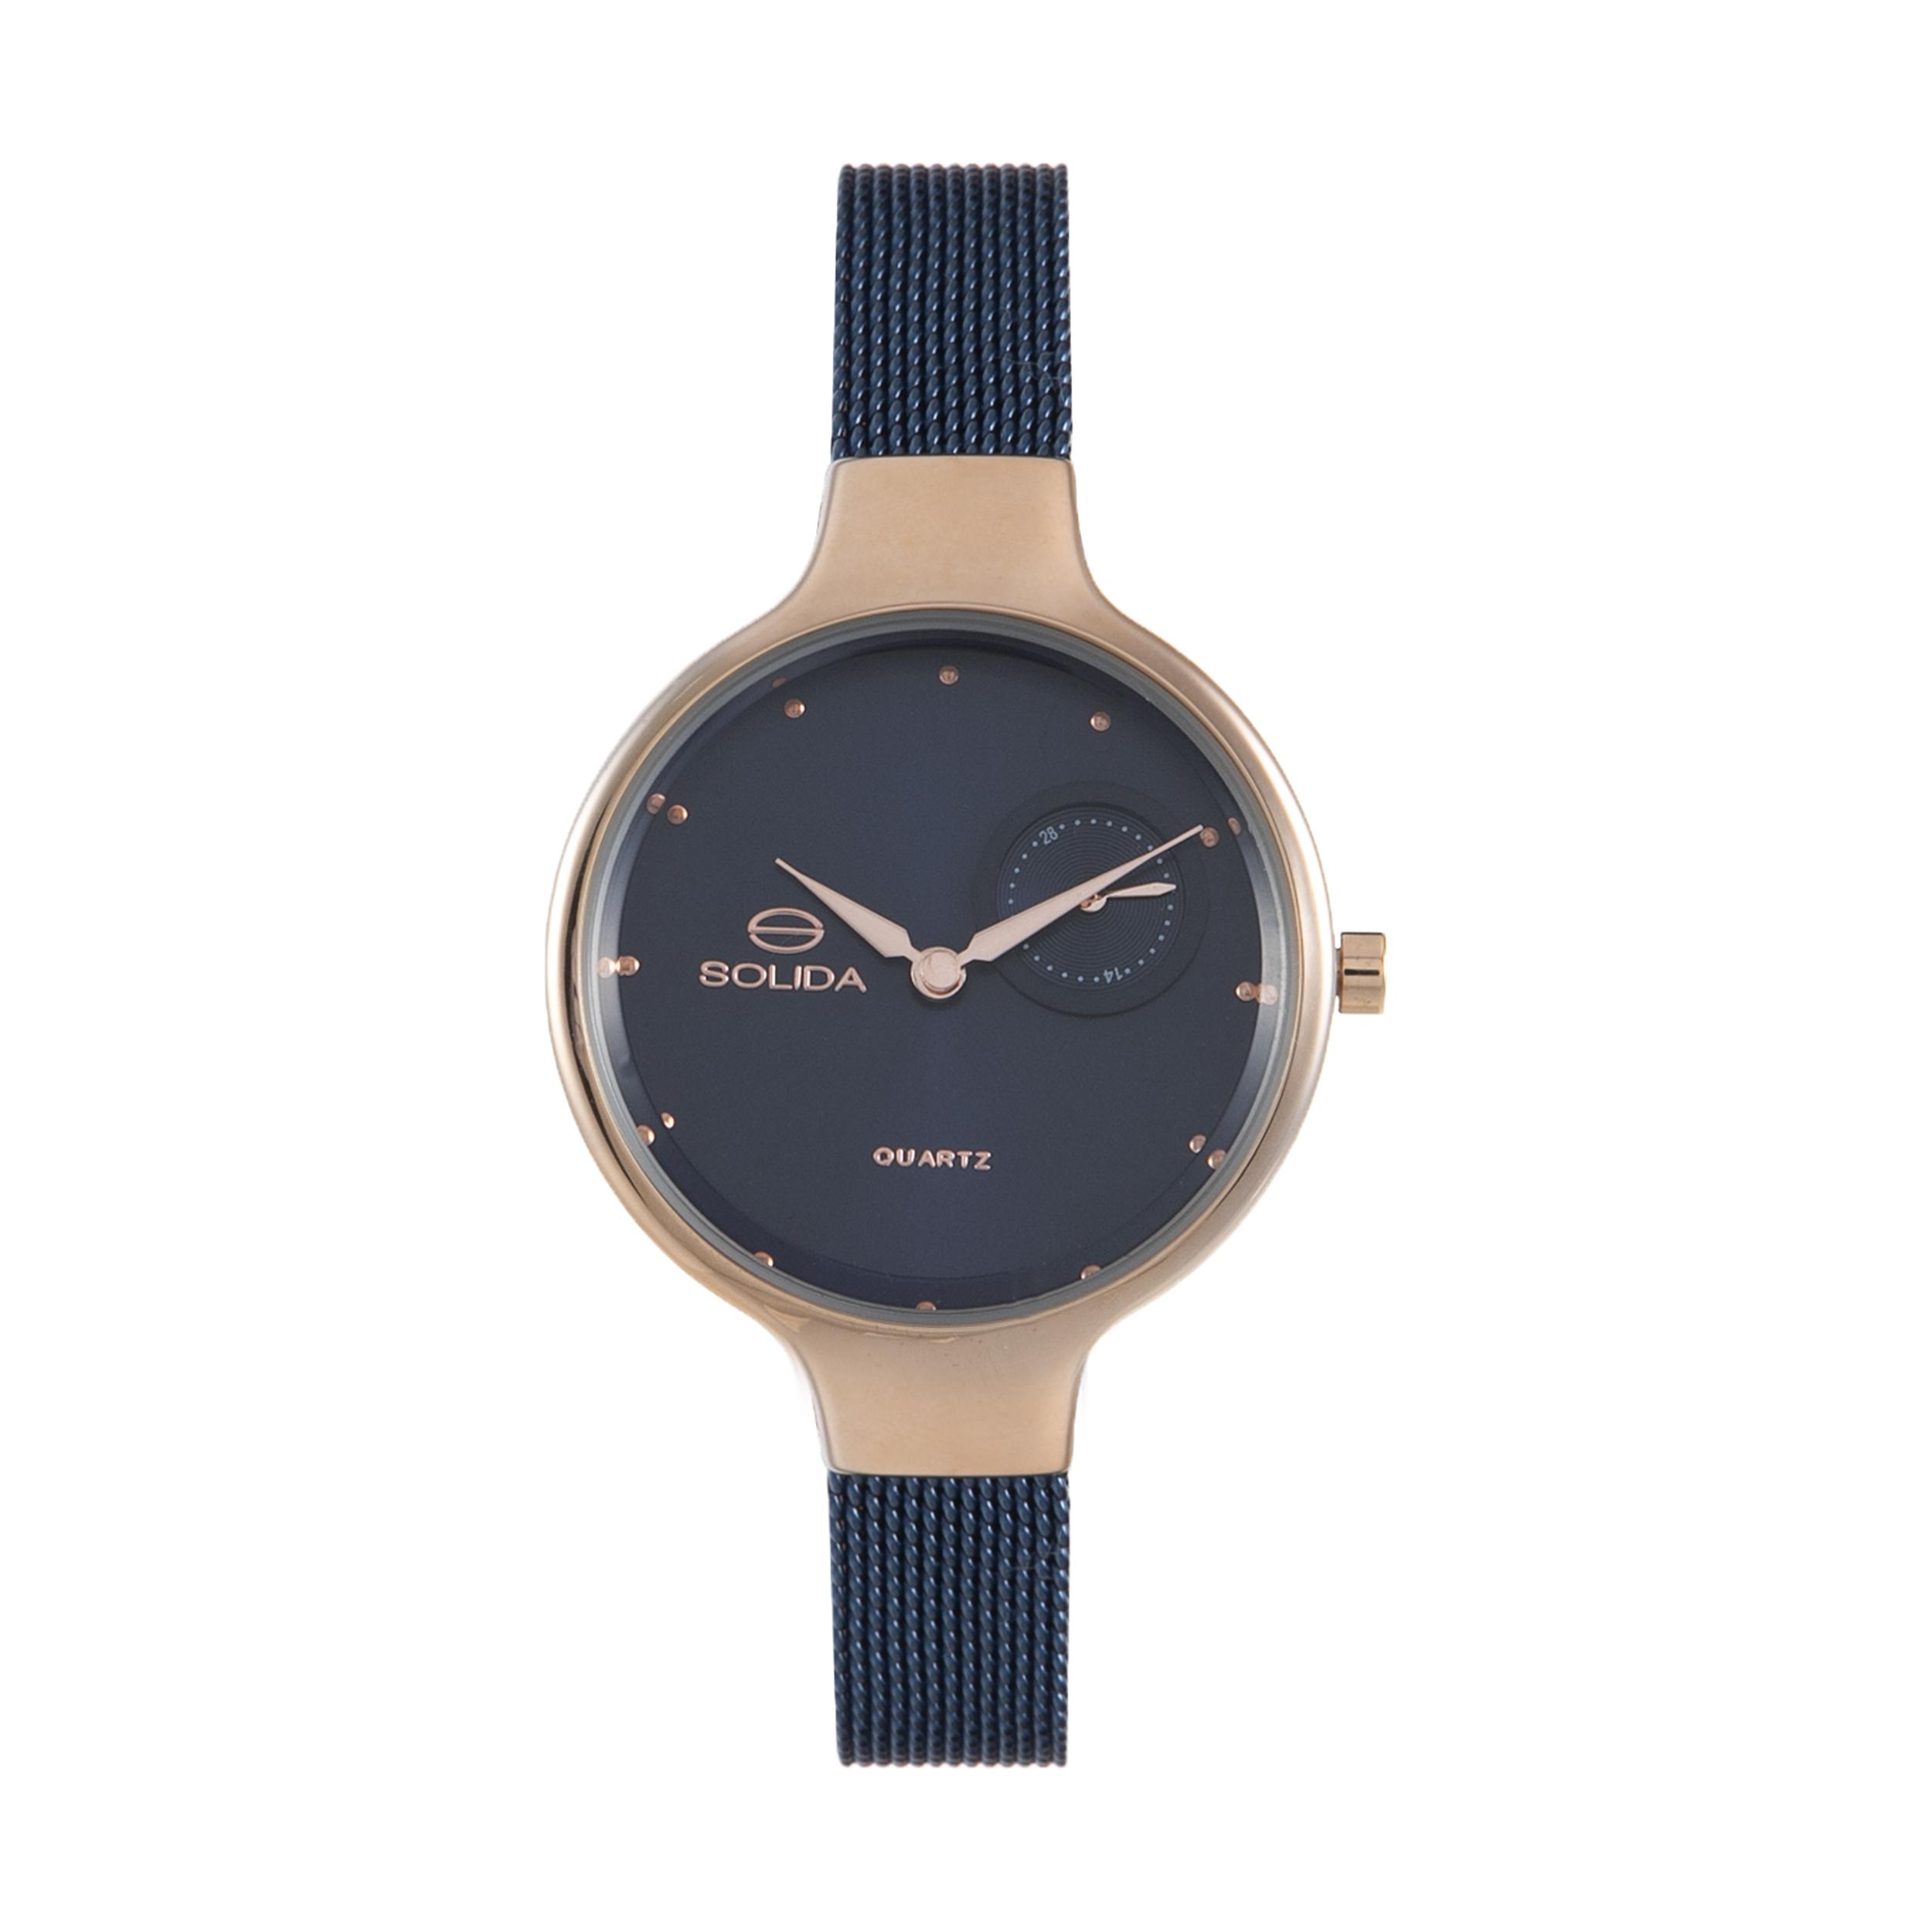 ساعت مچی عقربه ای زنانه سولیدا مدل 01 کد S1131L              ارزان